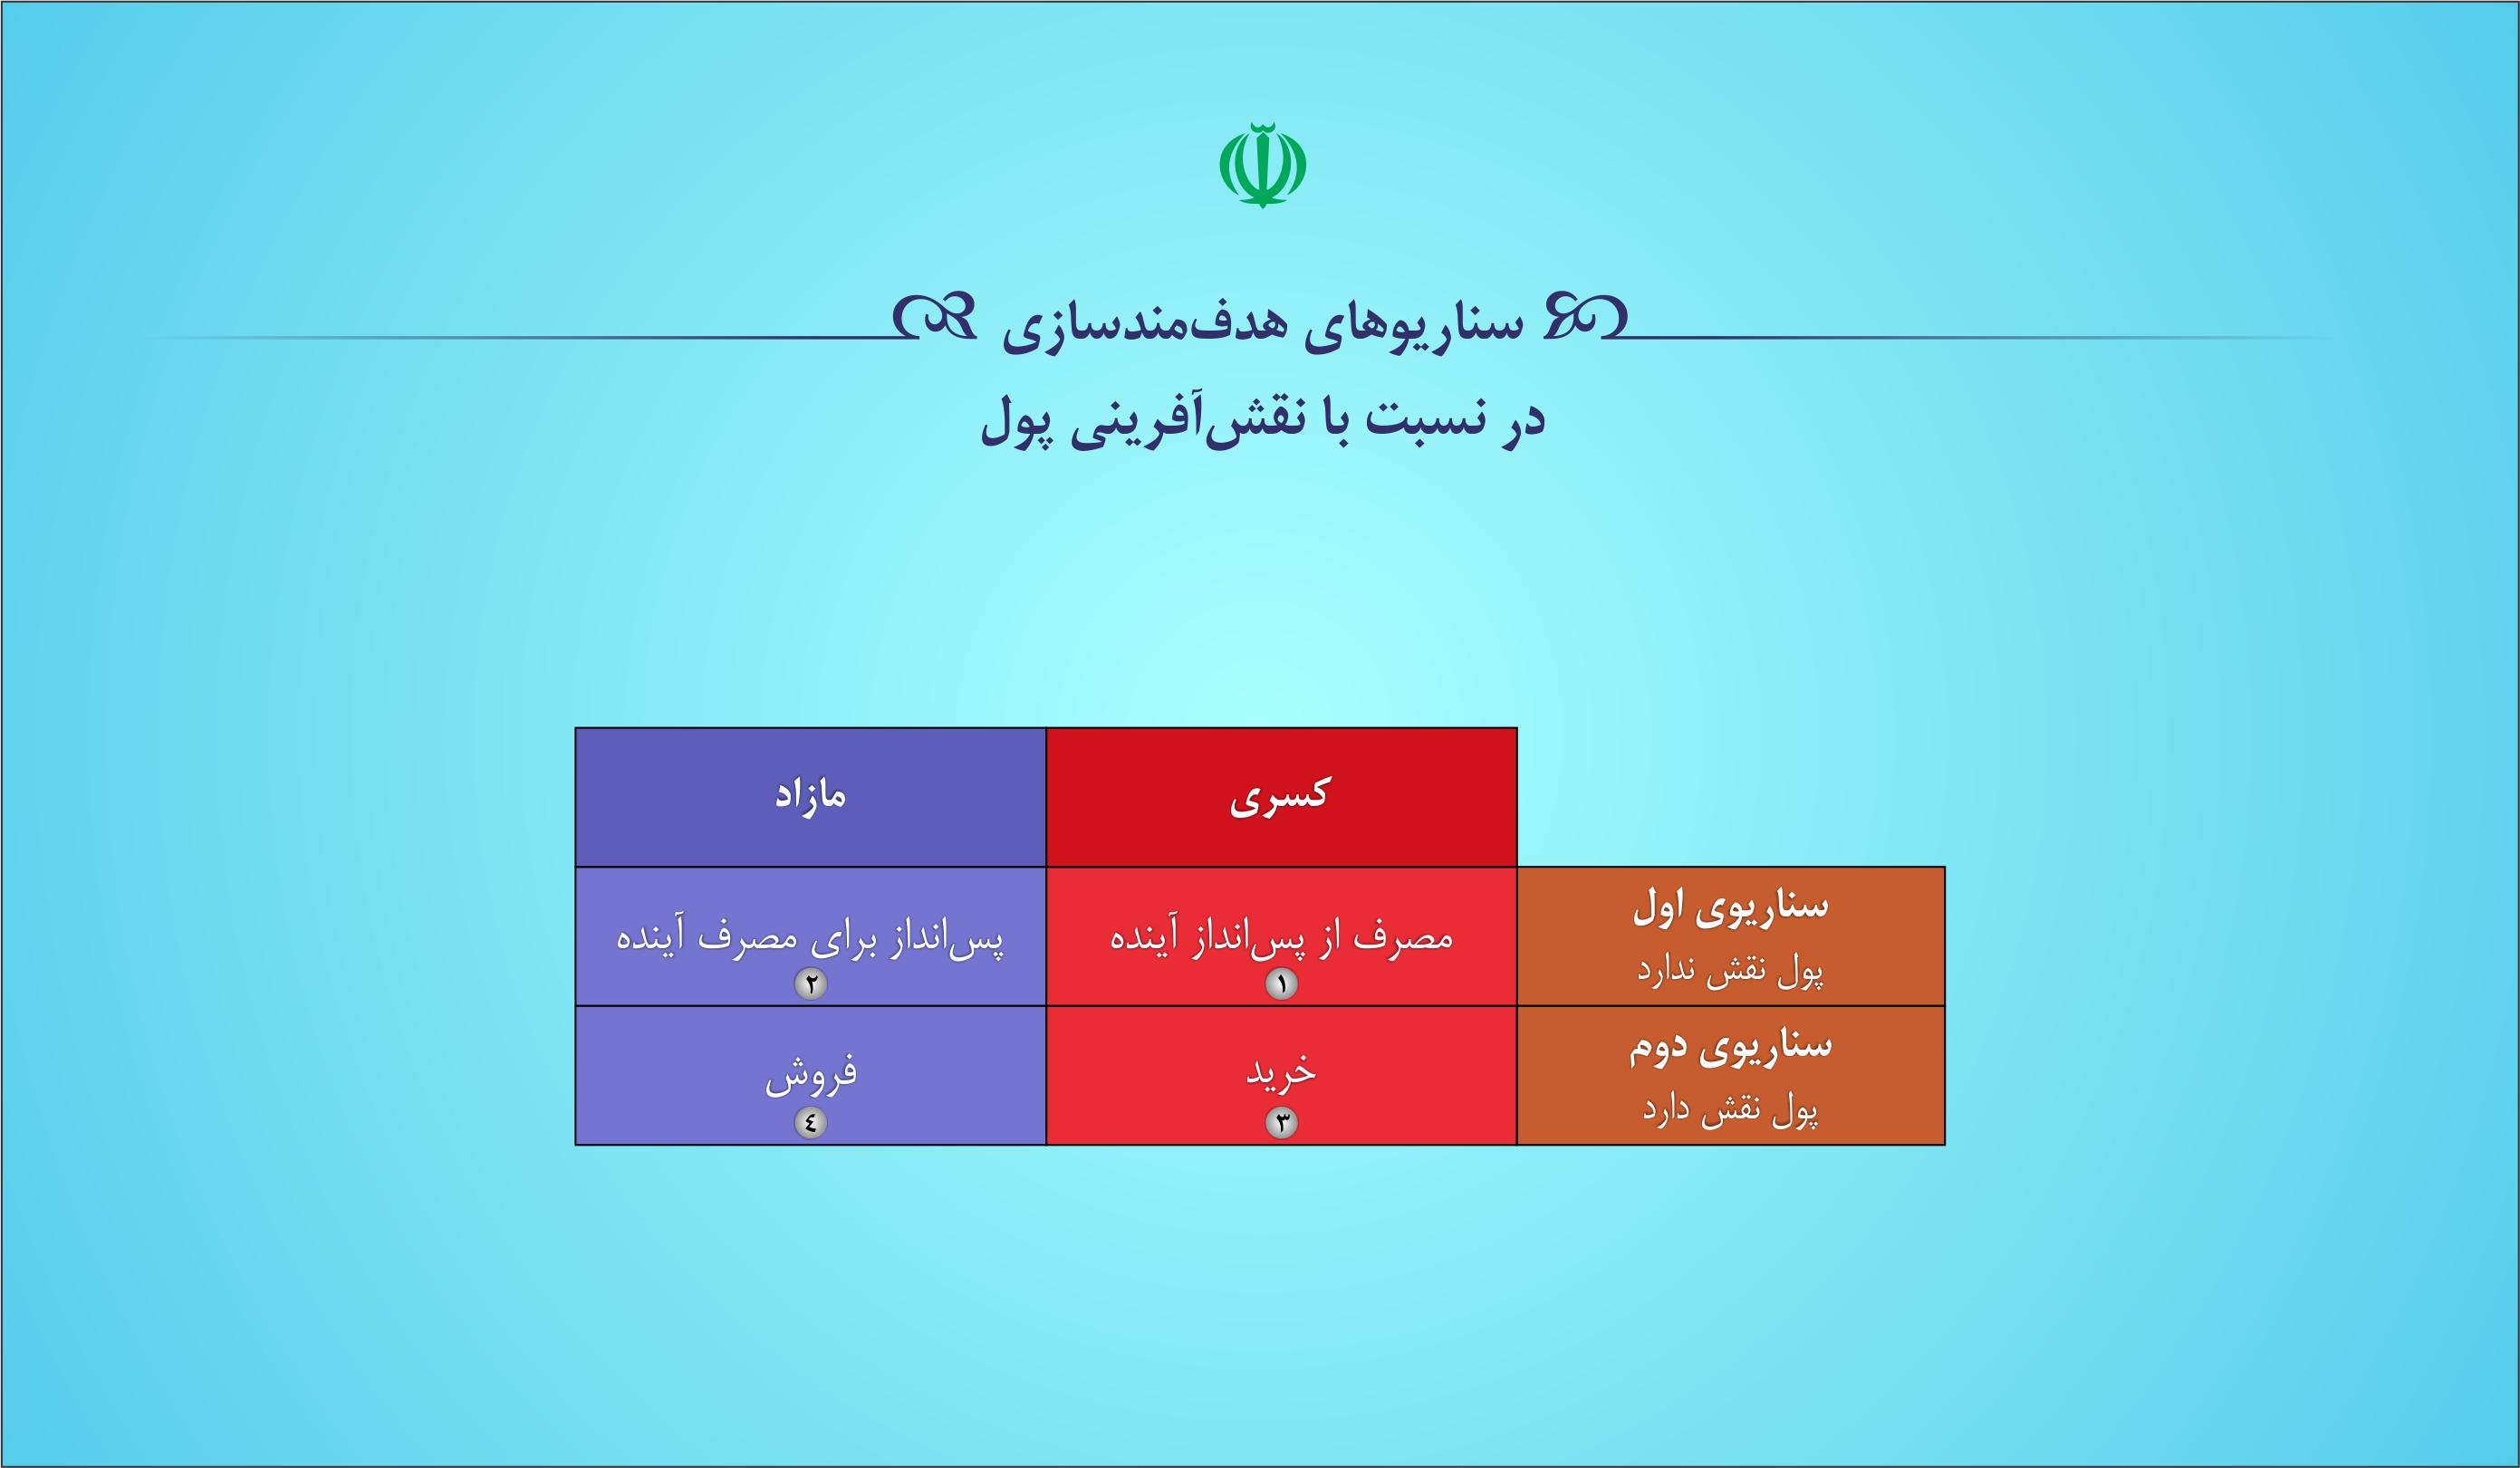 hadafmandi-04-01